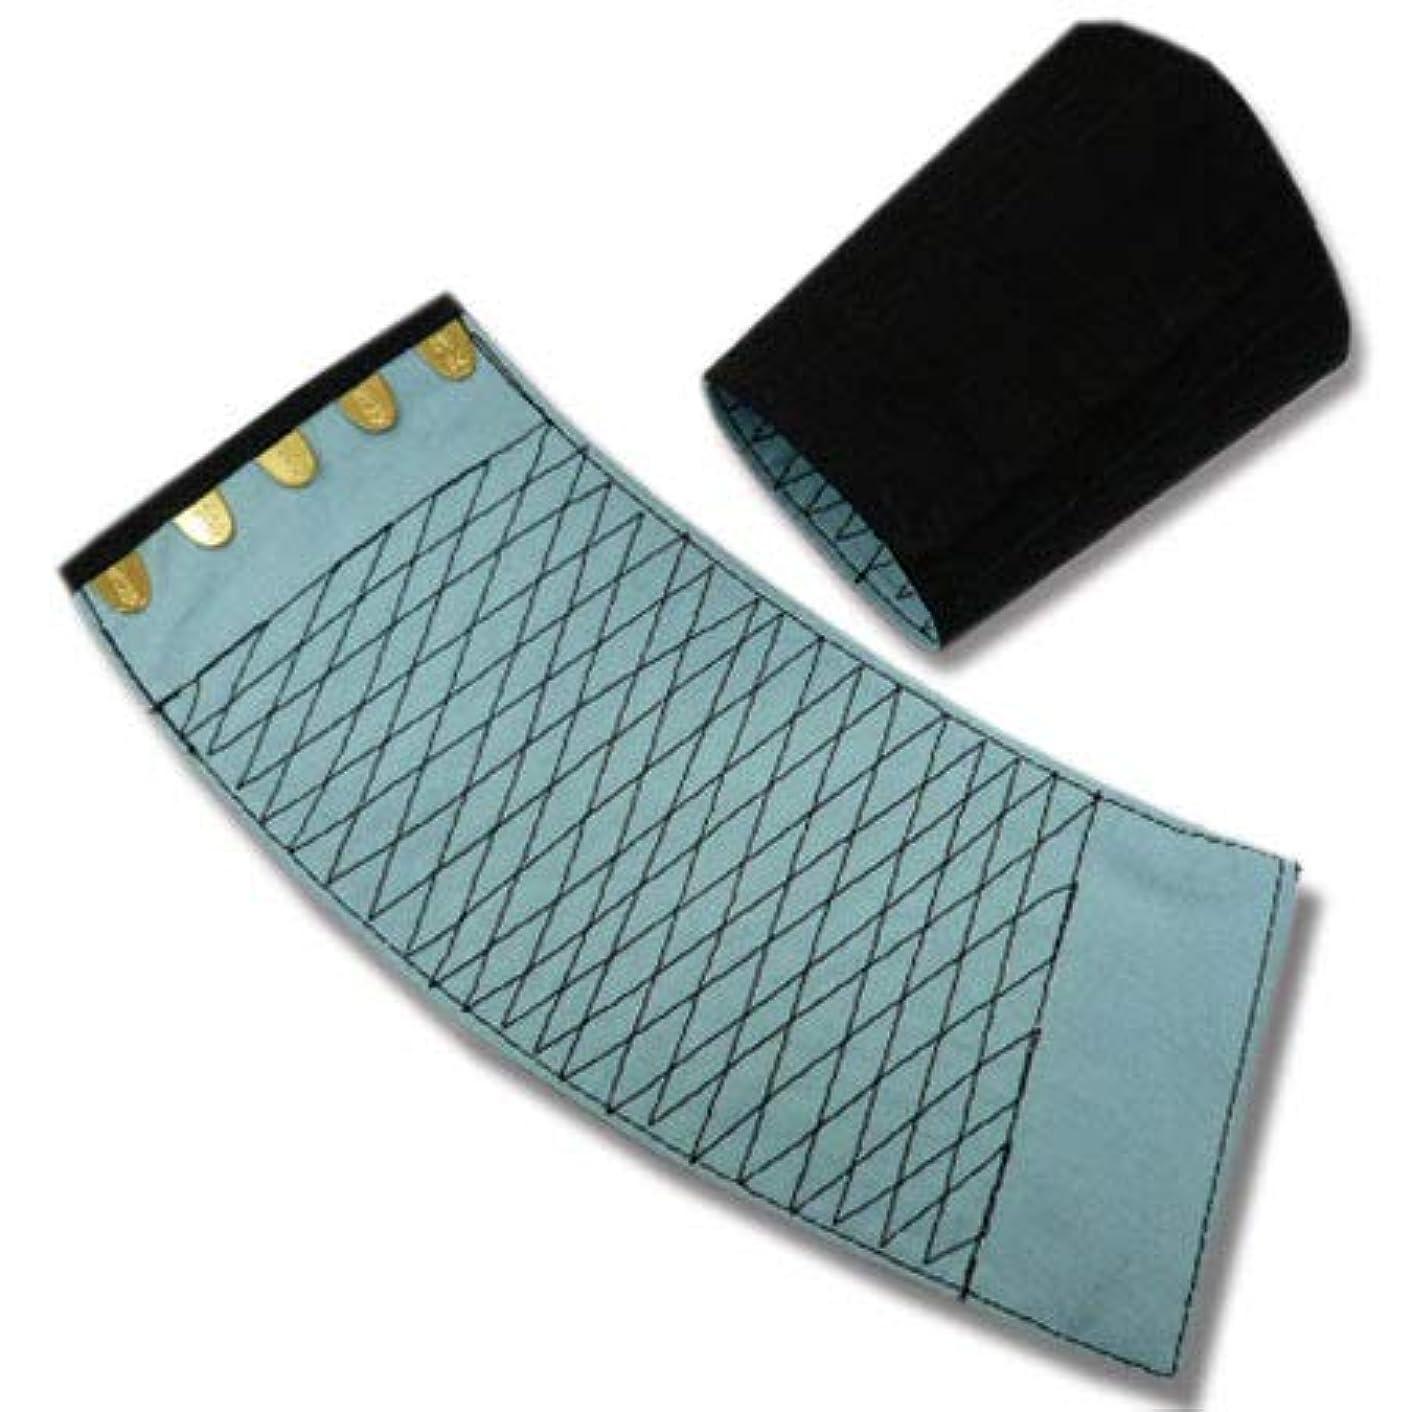 不安定な履歴書拡張[きねや] 手甲 5枚コハゼ 「きねや無敵」 青縞手甲(藍染)腕貫 幅約10.7cm 5双セット